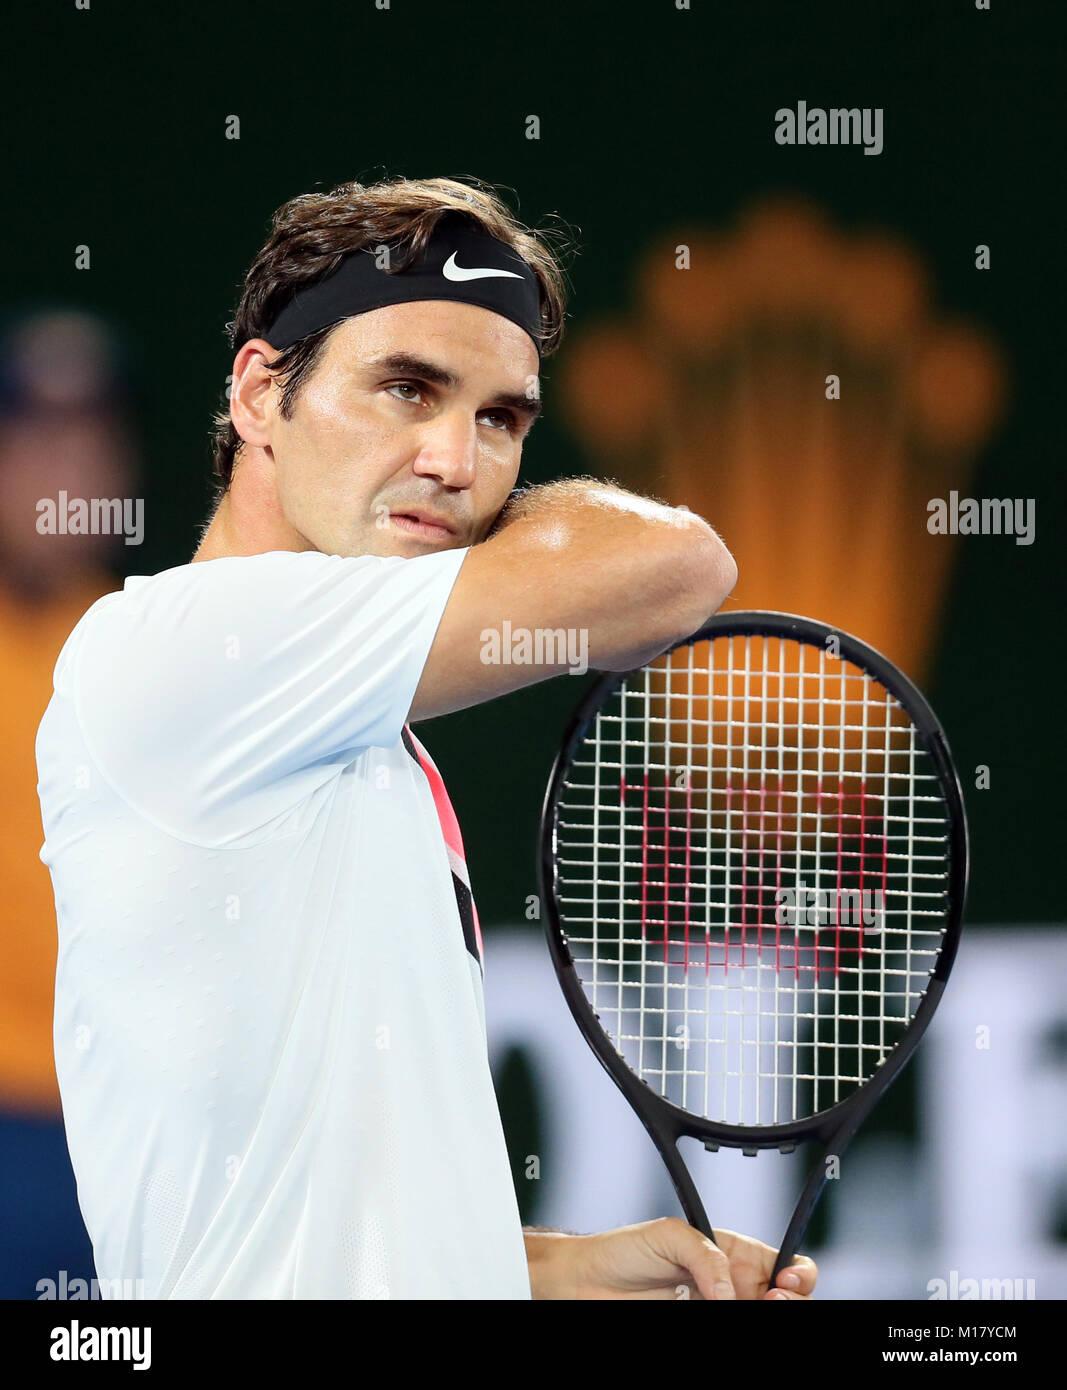 Melbourne, Australien. 28 Jan, 2018. Der Schweizer Roger Federer reagiert während der Männer singles Finale gegen Stockfoto